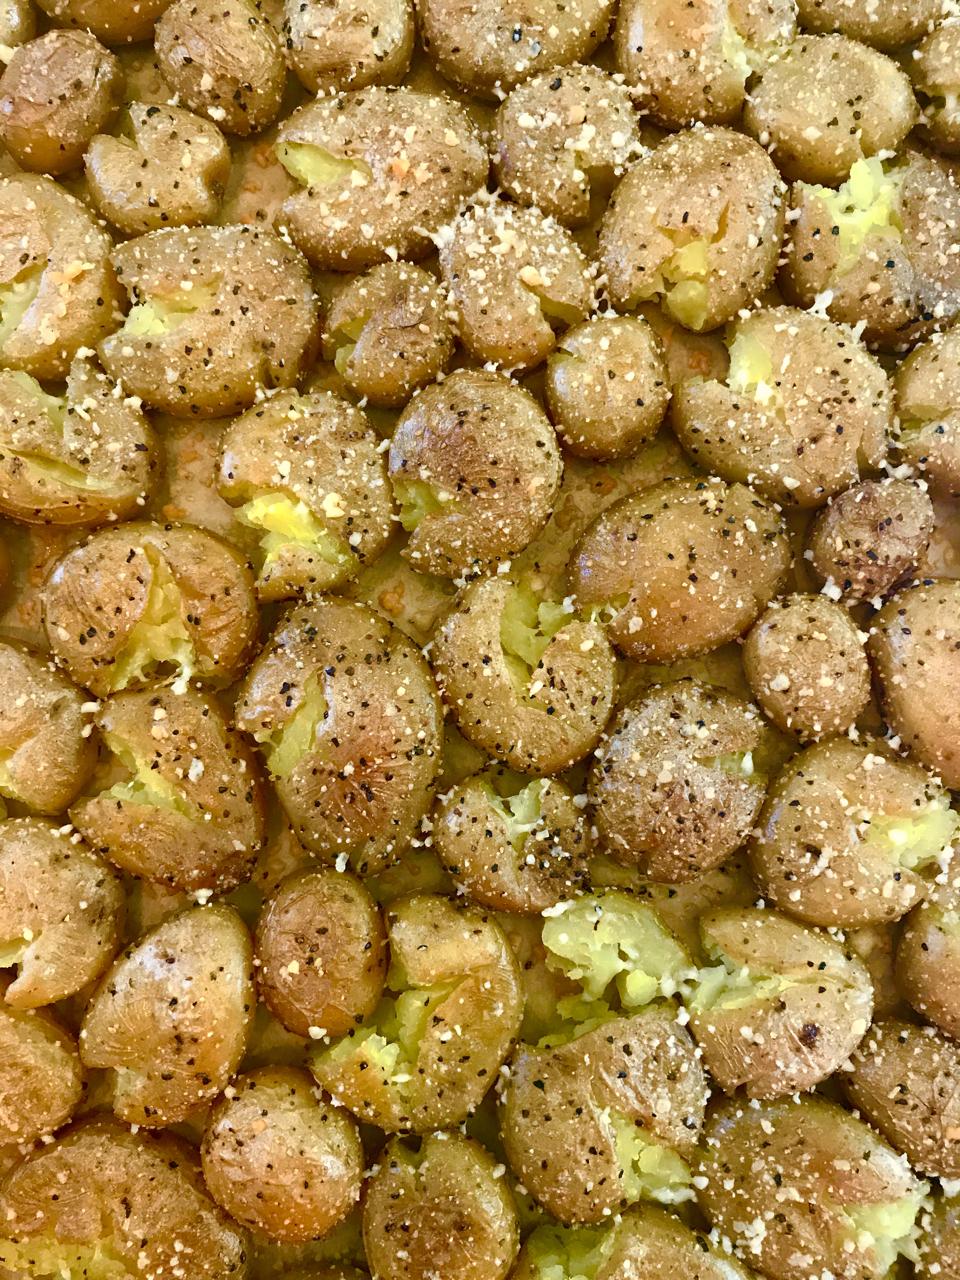 cacioepepepotatoes2.jpg